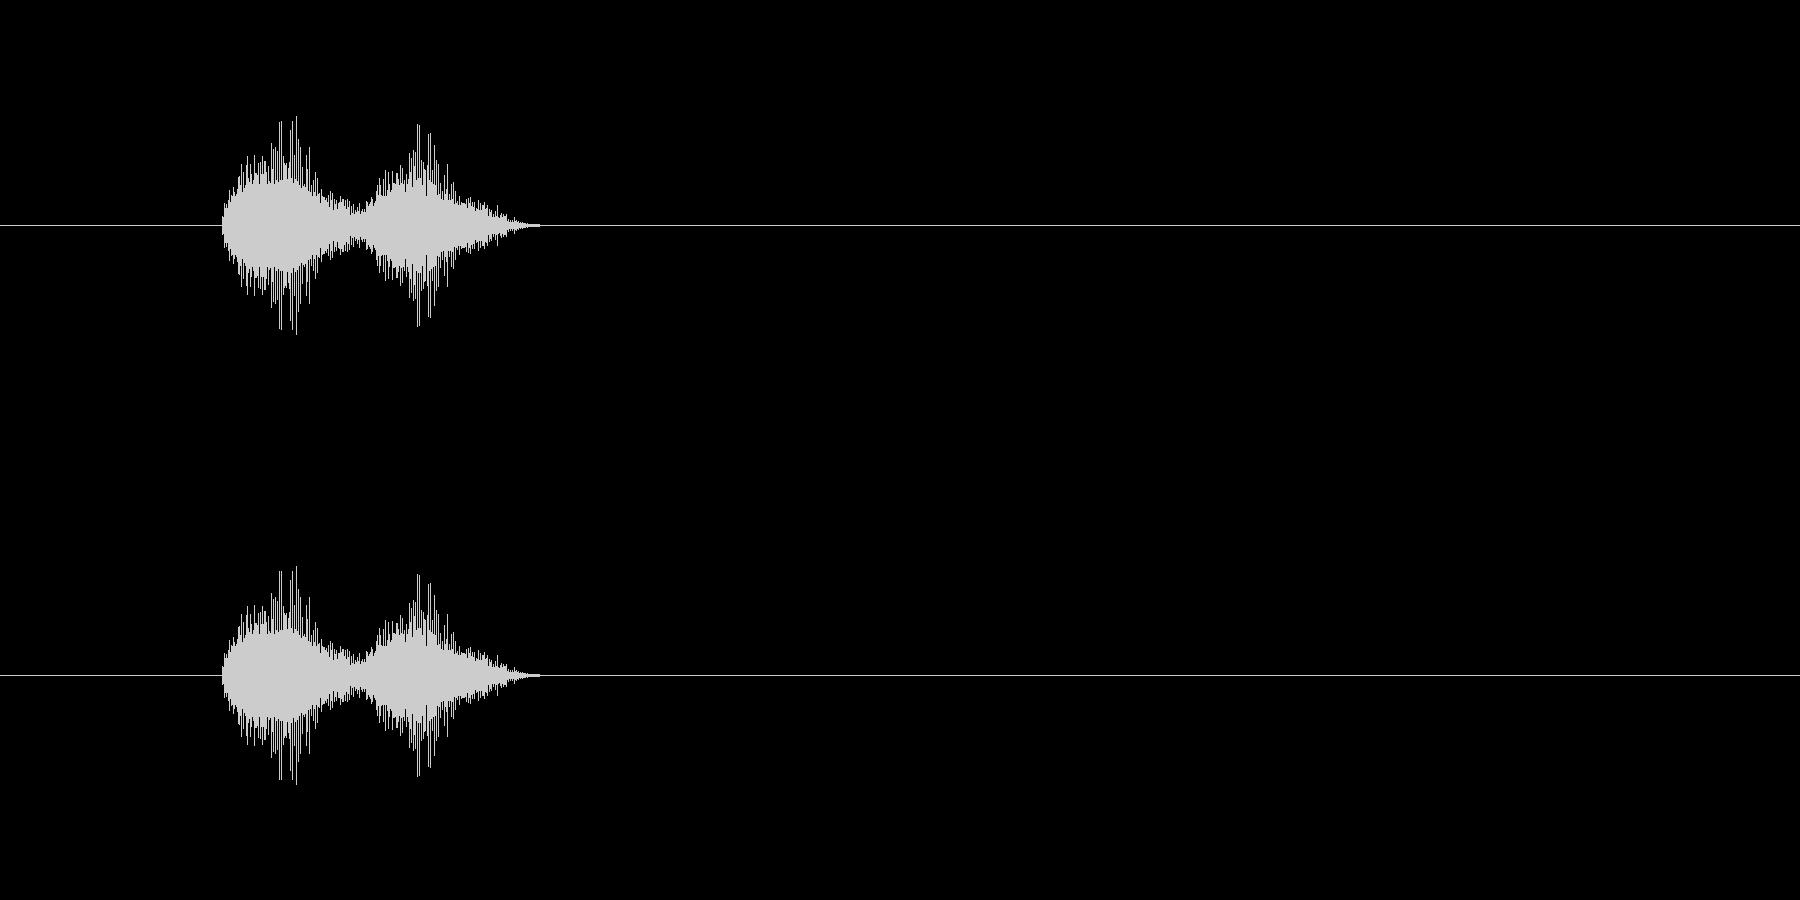 短いボタン音です。アラーム音など、警告…の未再生の波形